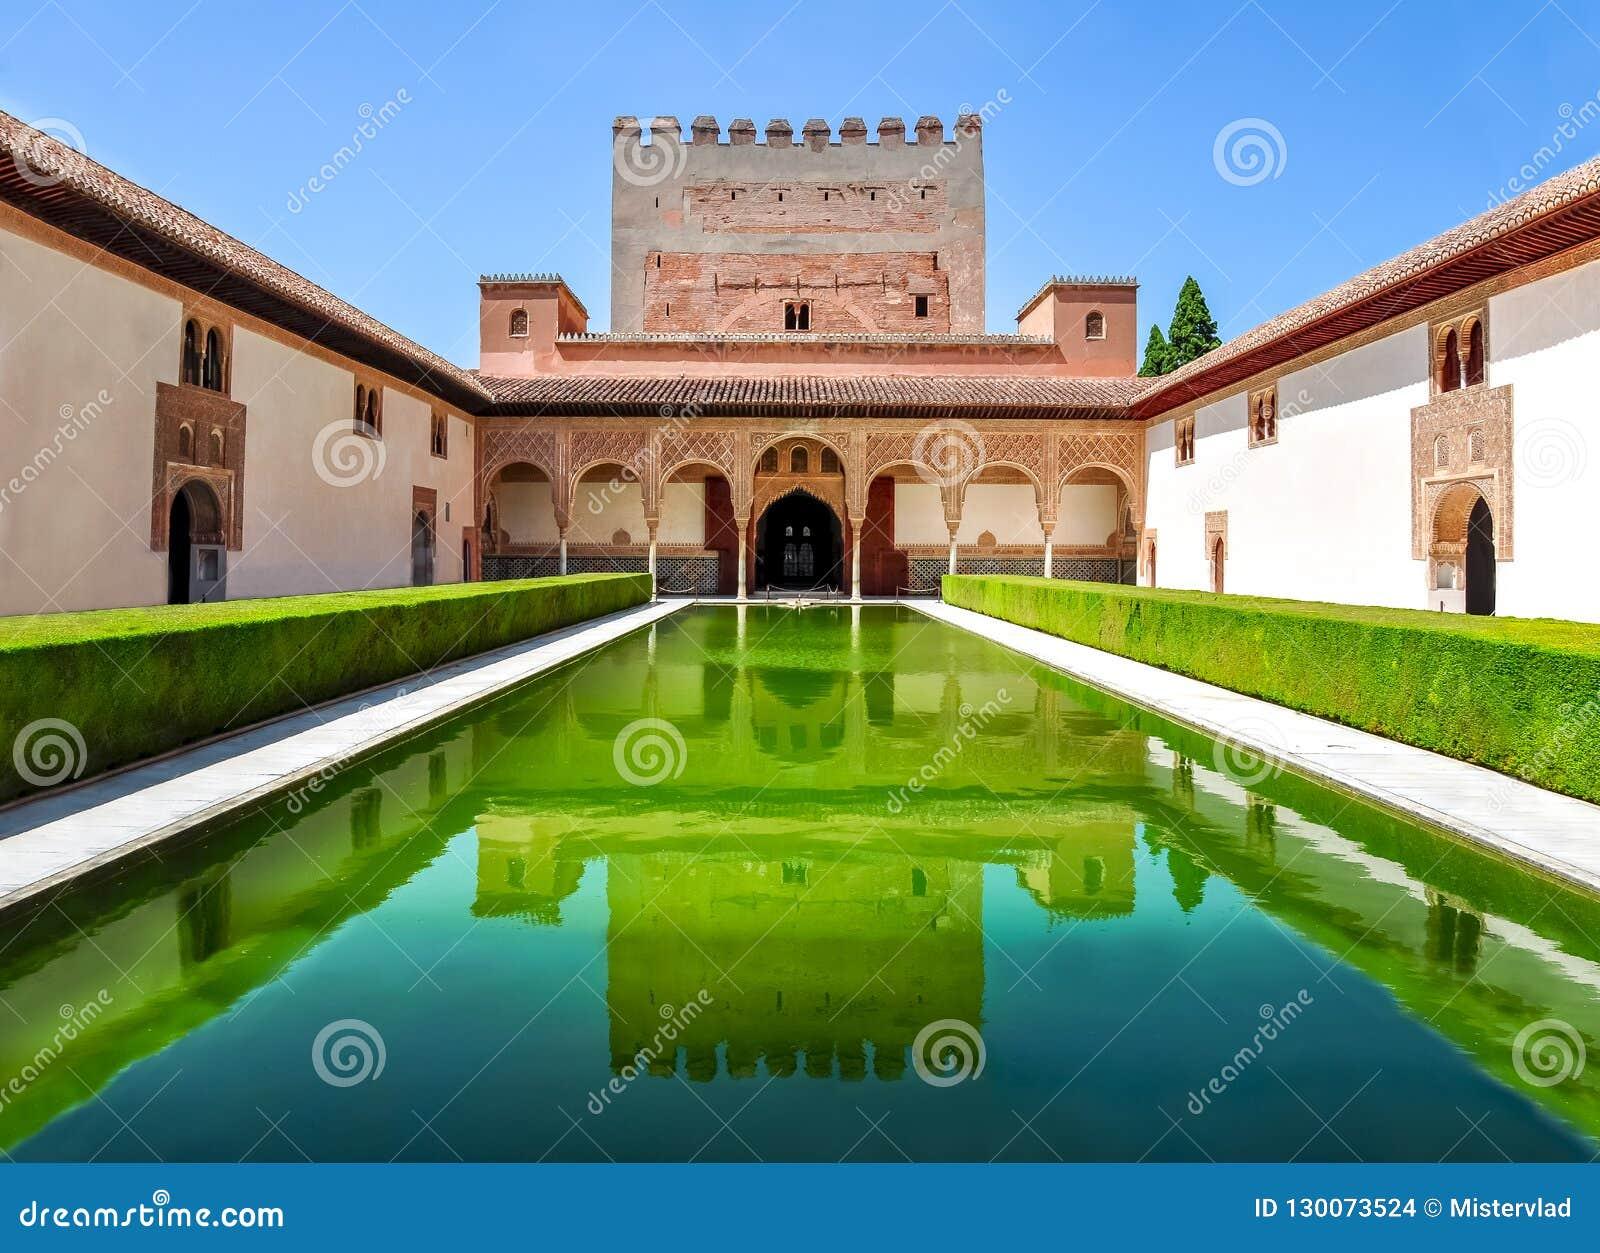 Corte das murtas no palácio de Nasrid em Alhambra, Granada, Espanha